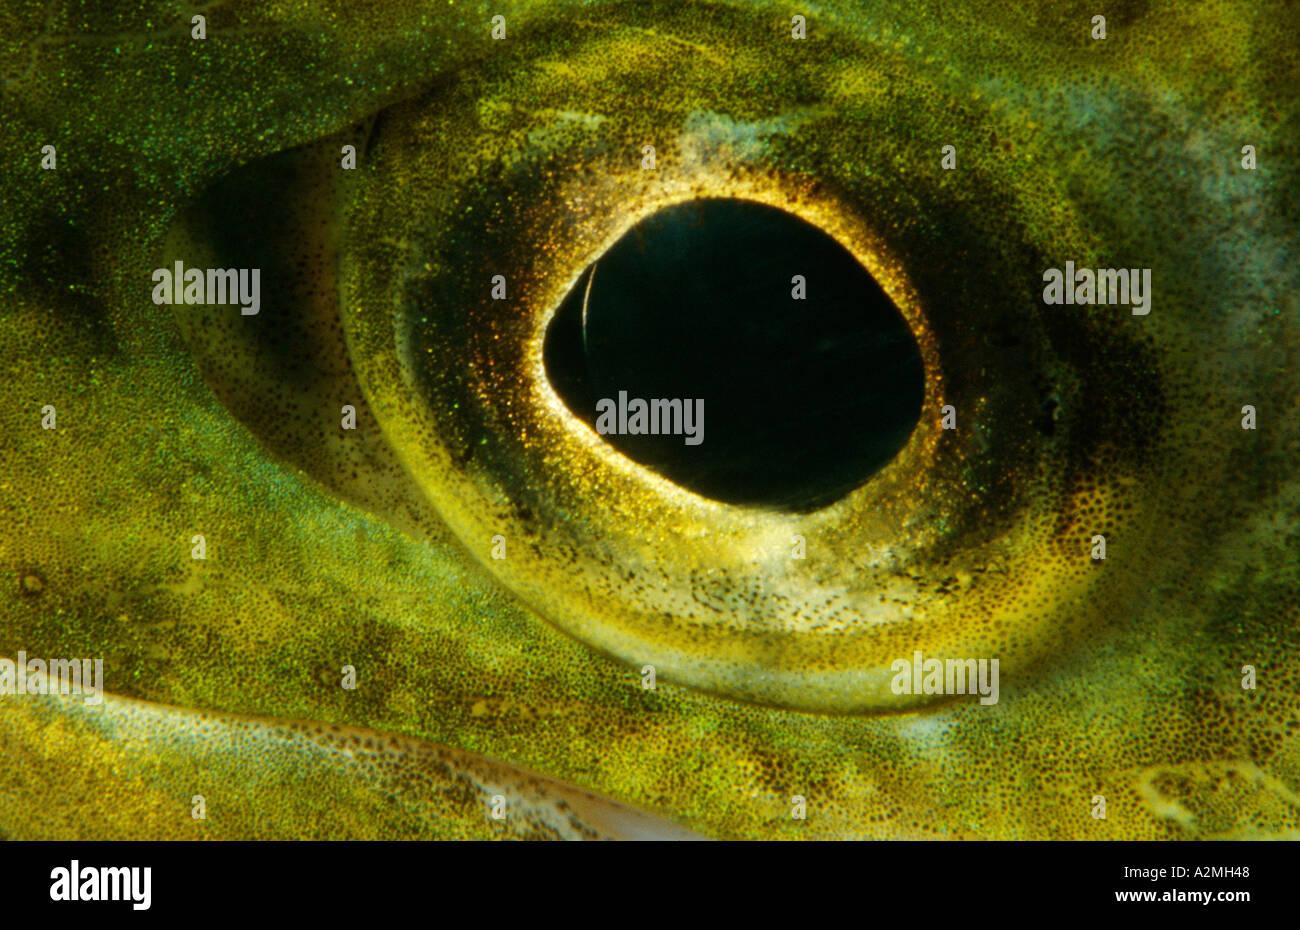 eye of Brown trout Salmo trutta fario Stock Photo